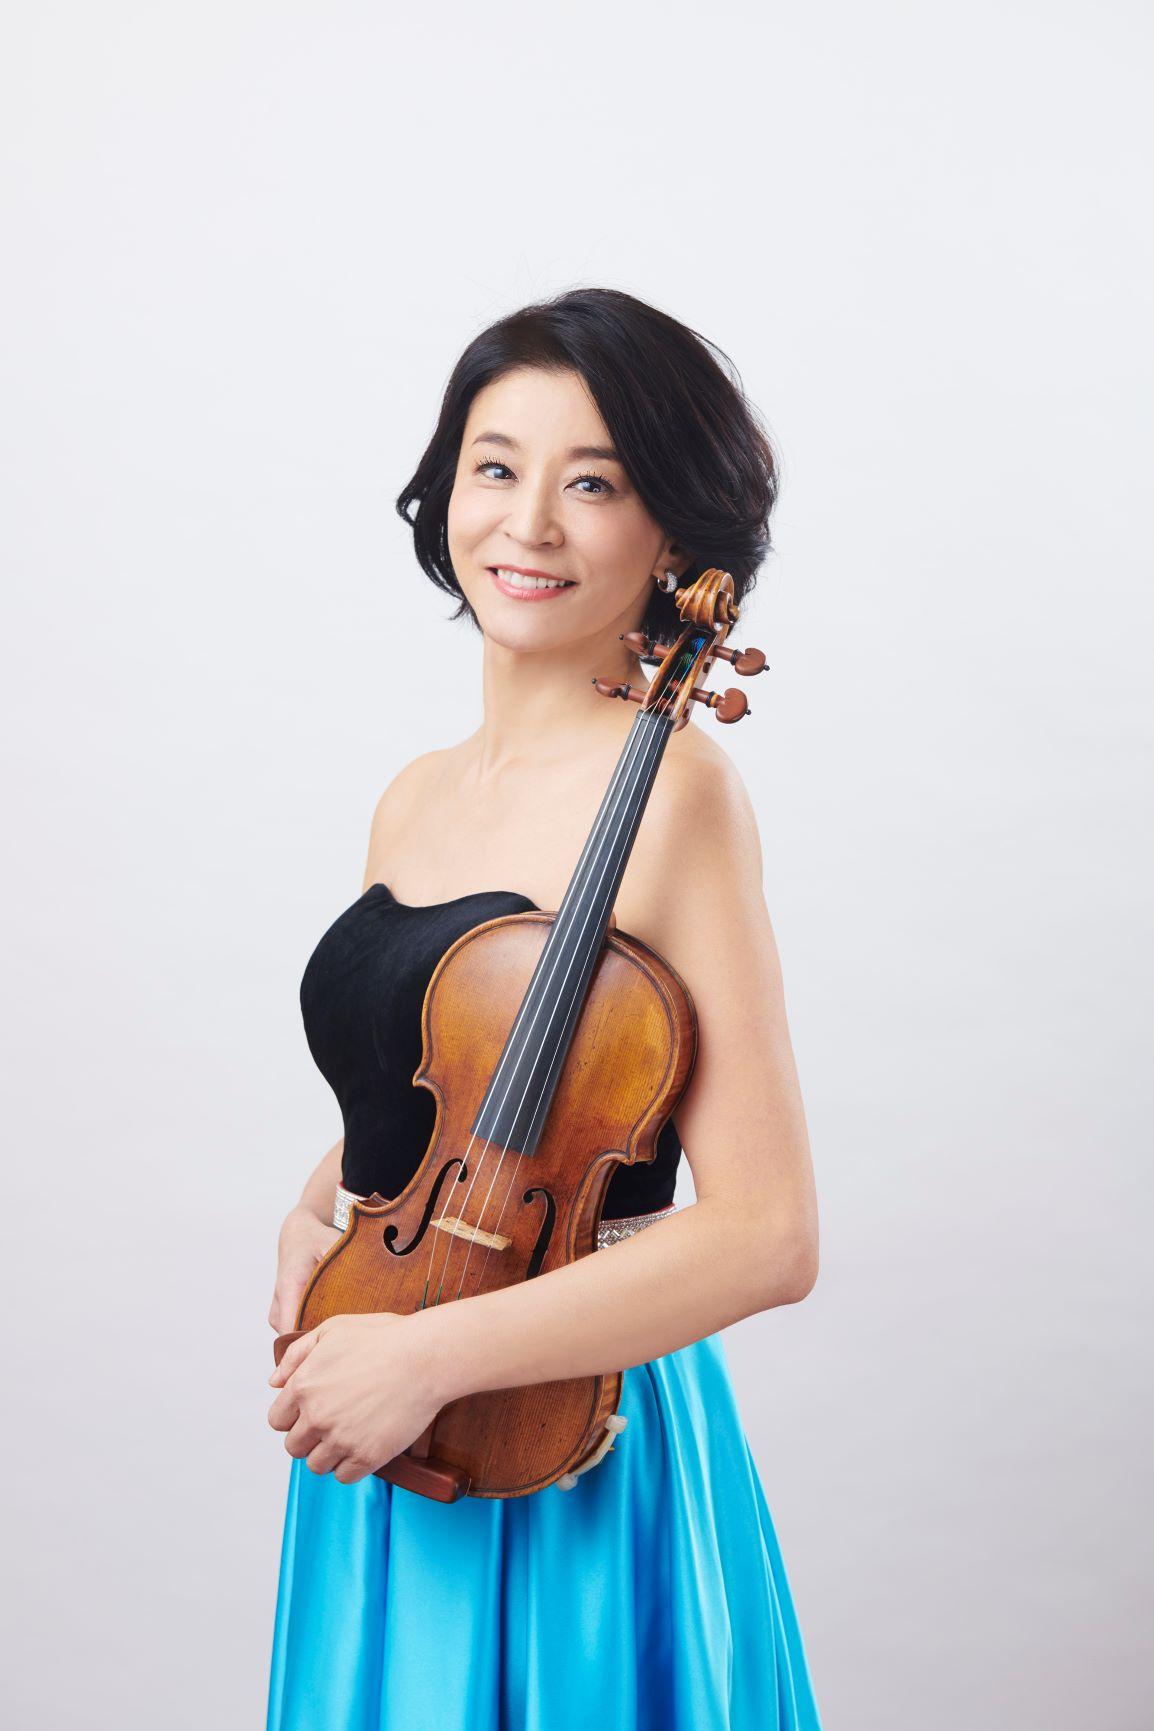 高嶋ちさ子 12人のヴァイオリニスト コンサートツアー2019 女神たちの饗宴 ~Favorite Classic Melody~ 〈振替公演〉